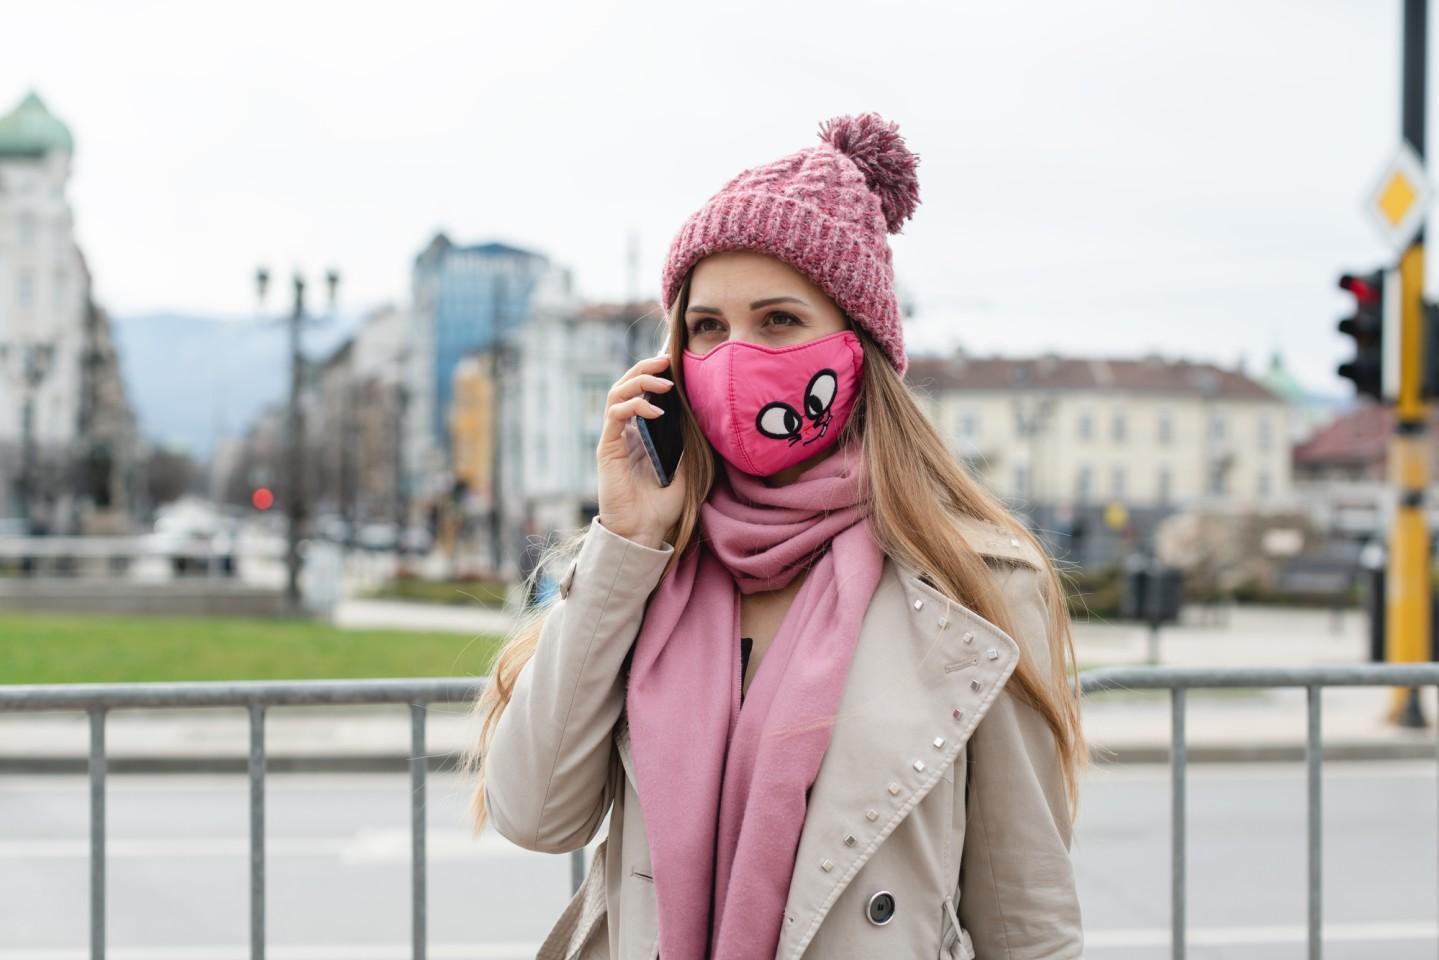 Pandemi döneminde yeni bir moda akımı mı oluşuyor?